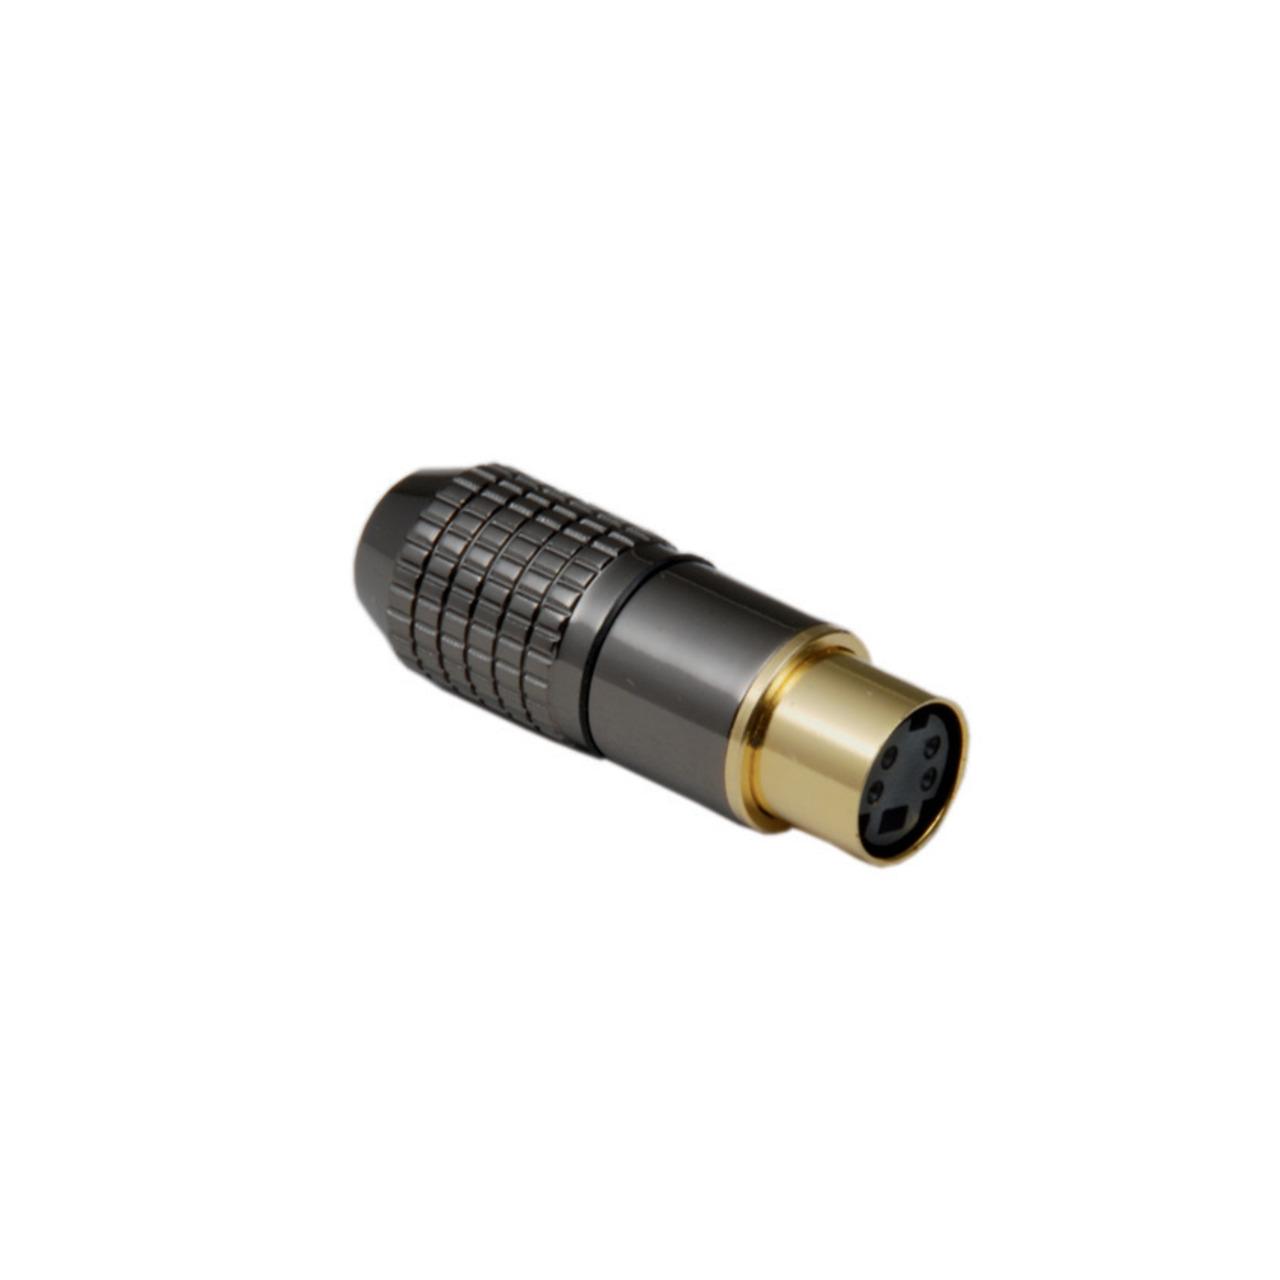 BKL Electronic Mini-DIN-Kupplung 8-pol.- hochwertige Metallausf.- Anschlüsse und Kontakte vergoldet